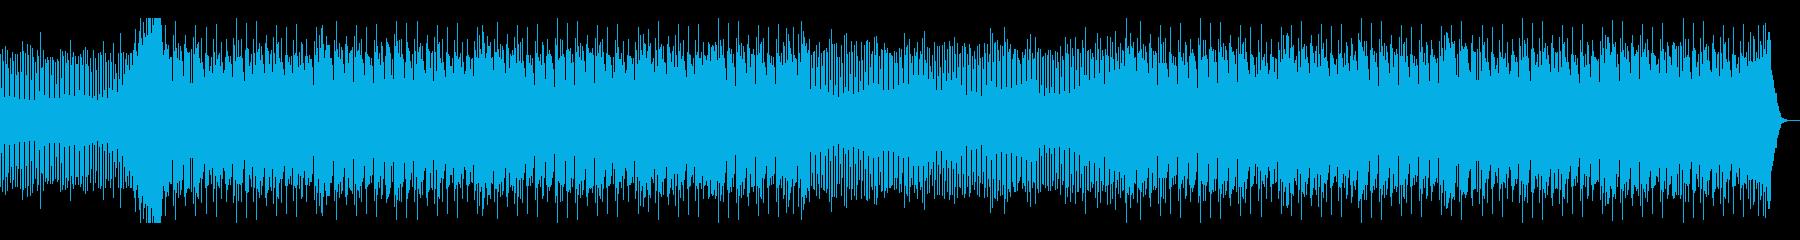 アンダーグラウンドなドラムンベースの再生済みの波形